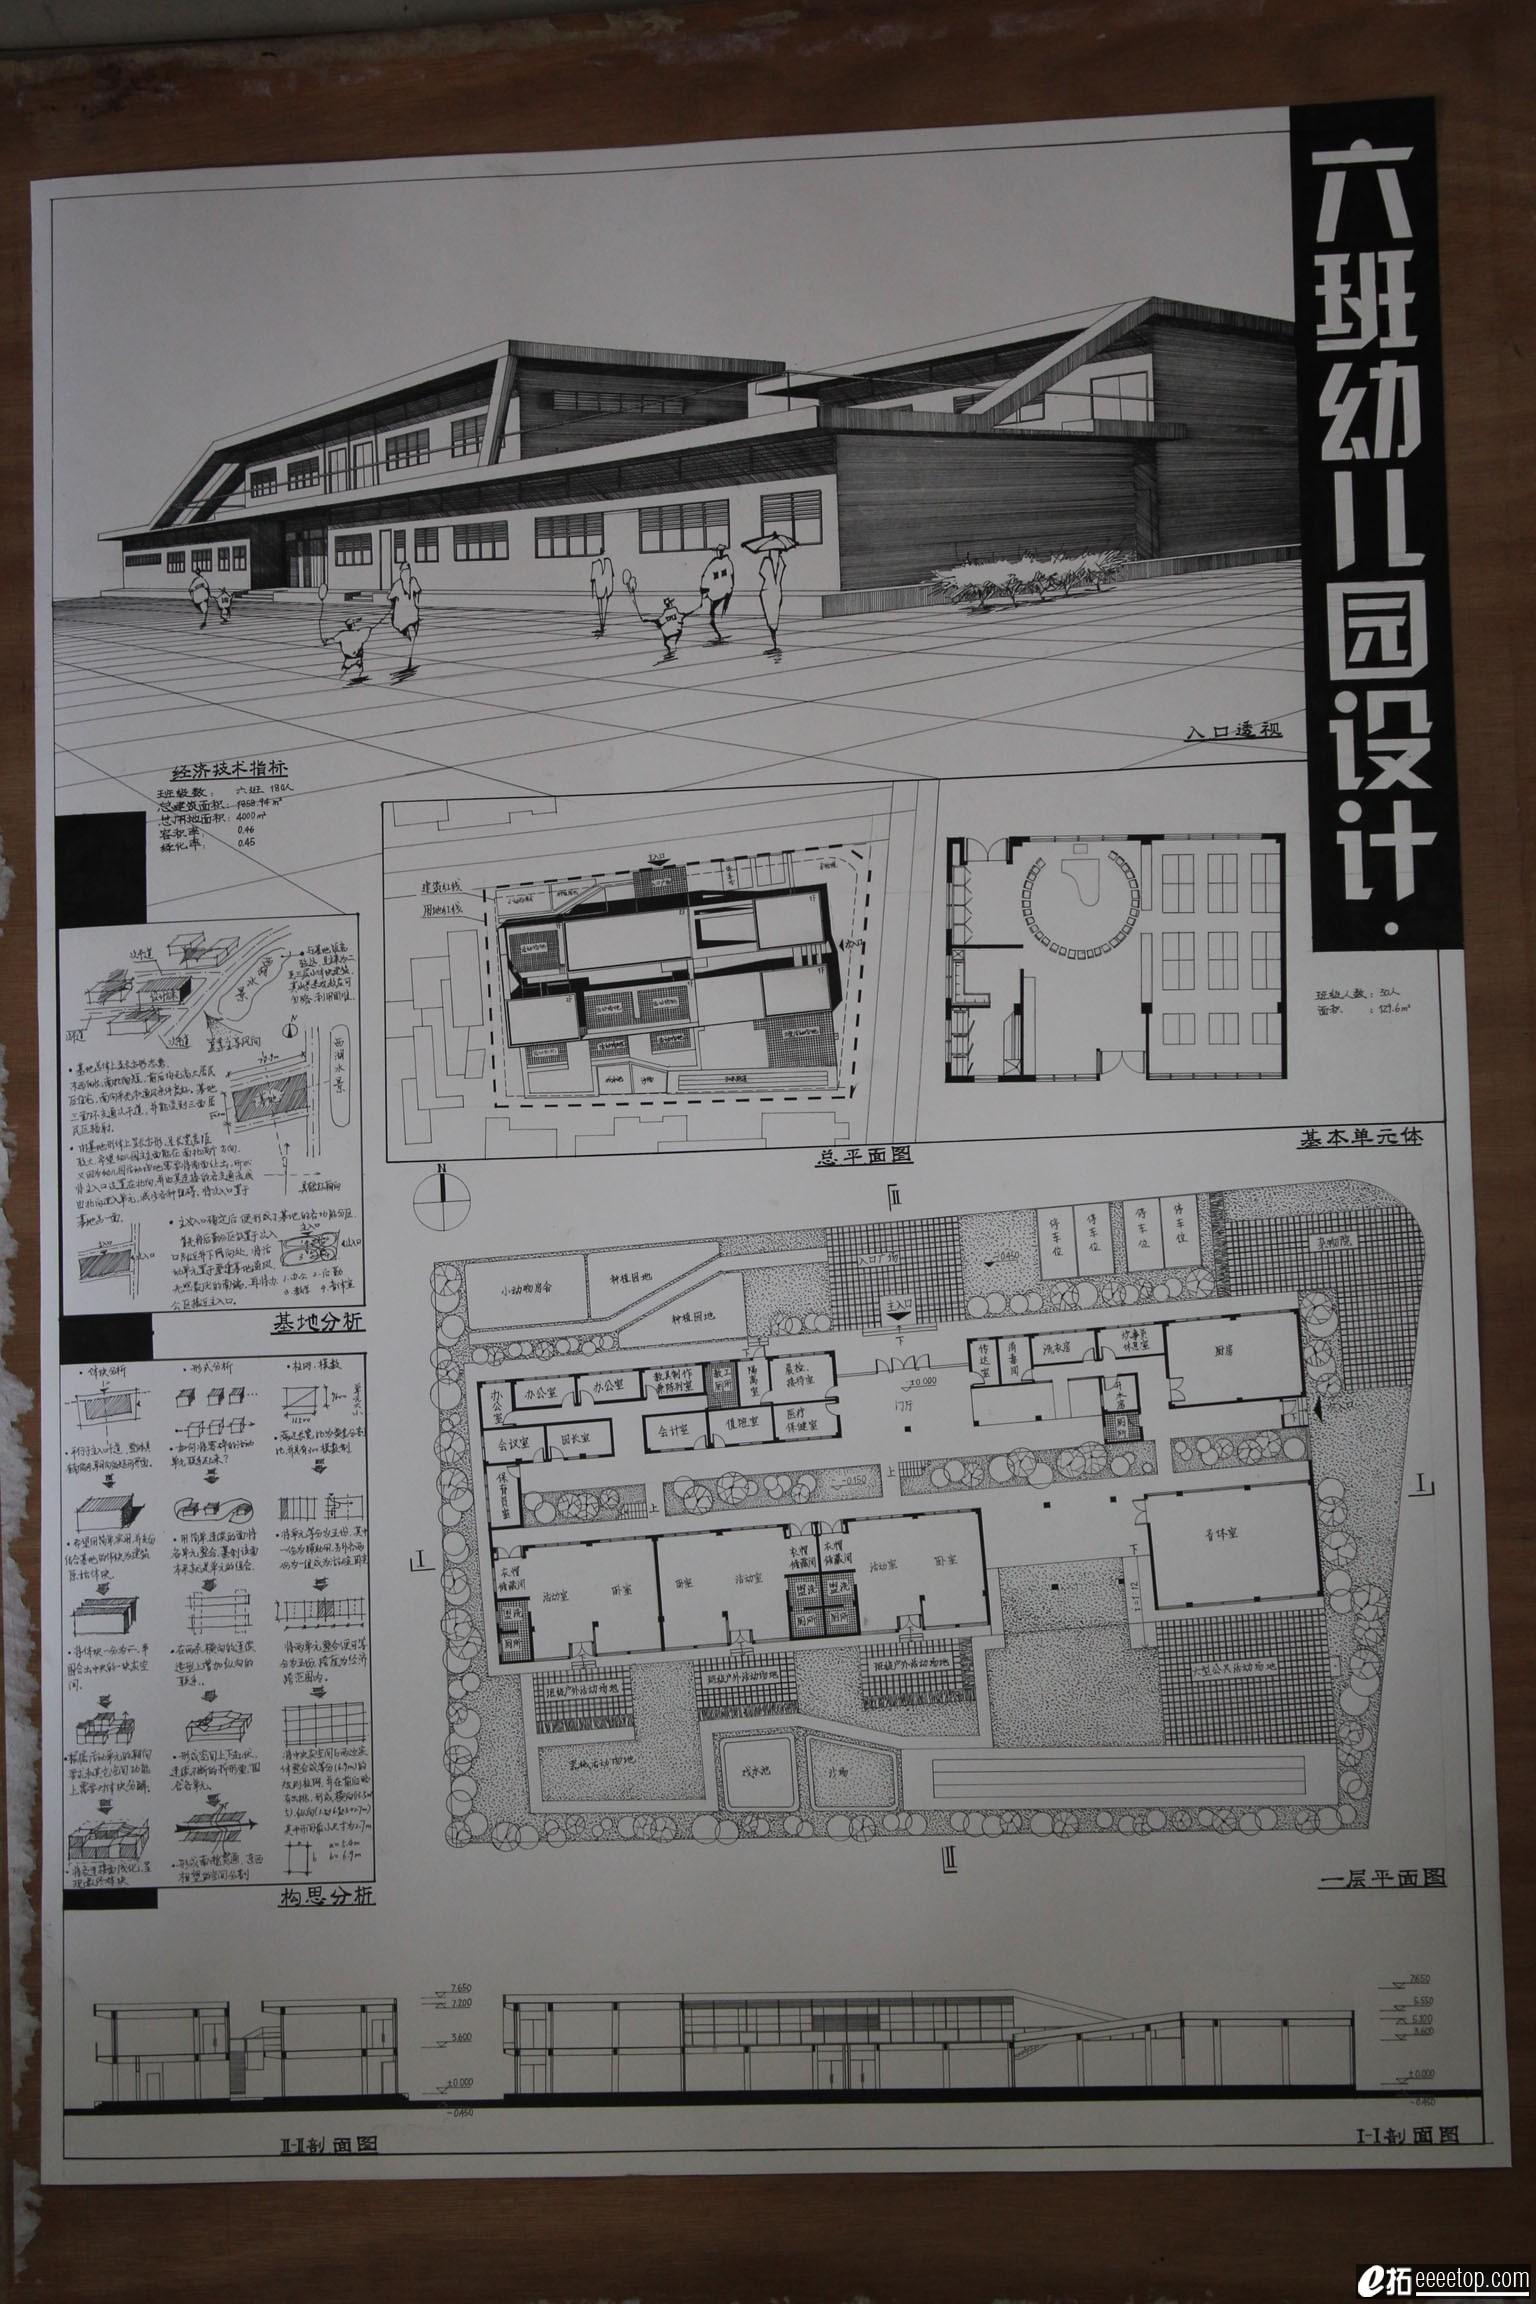 show下我之前的六班幼儿园设计